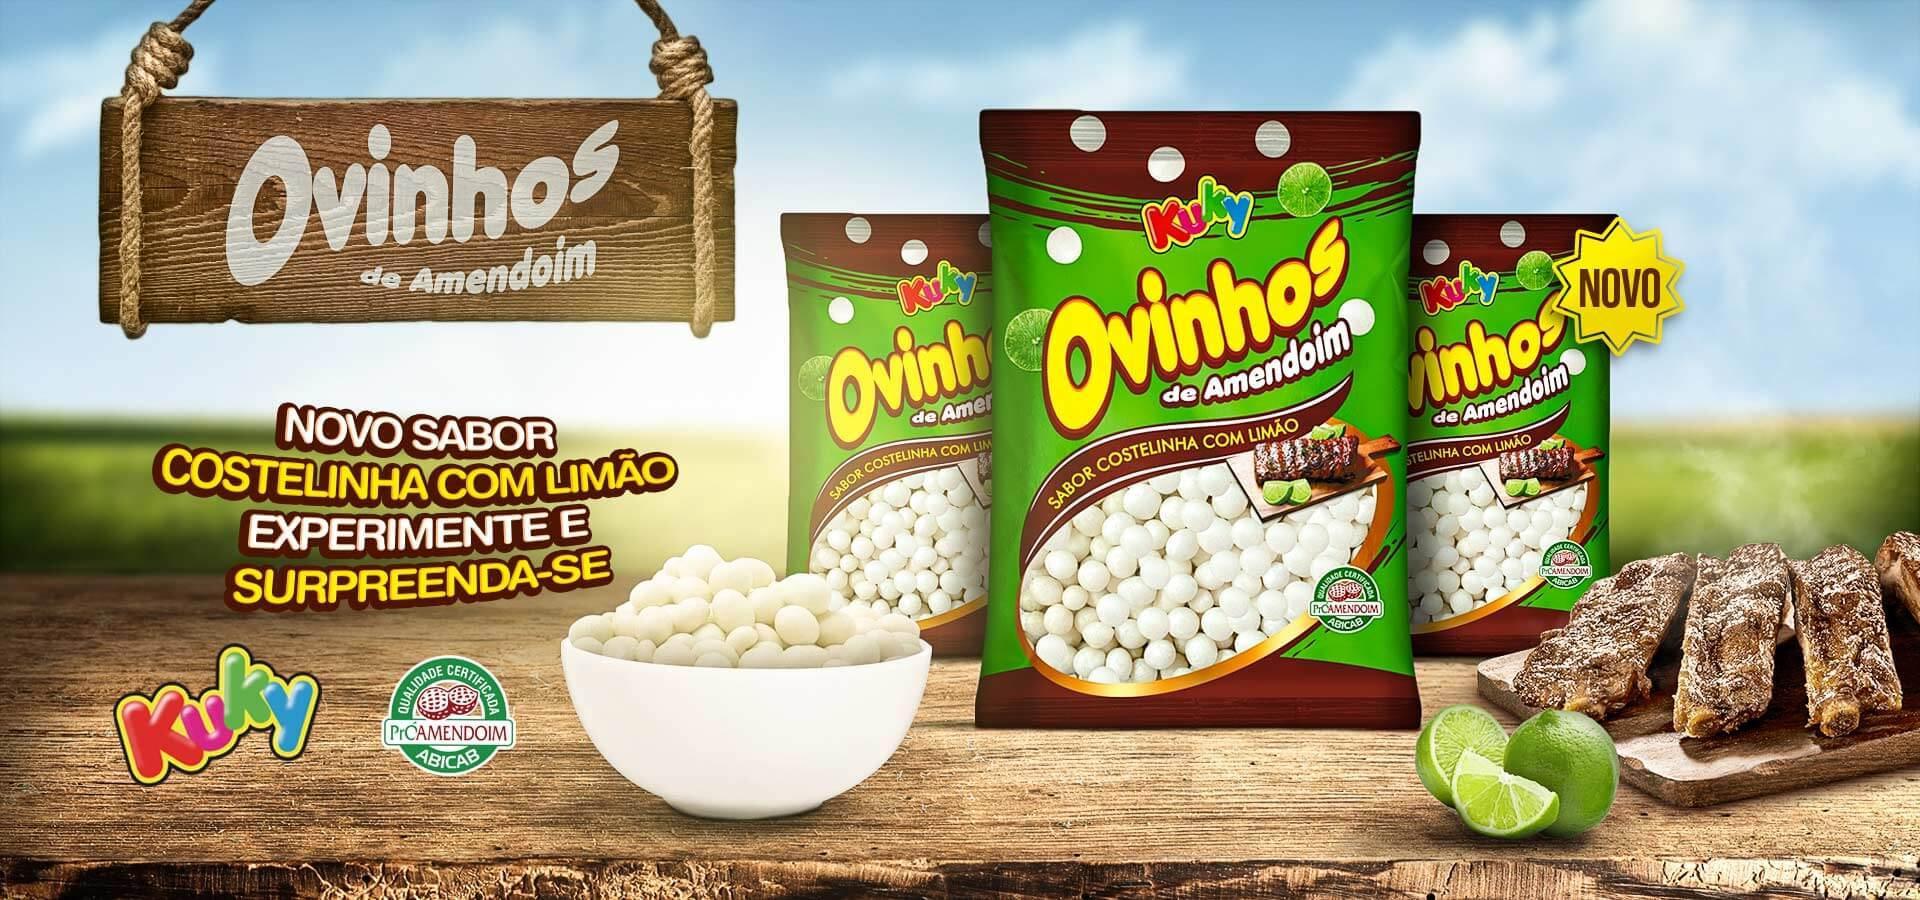 Ovinhos - Sabor Costelinha com Limão!